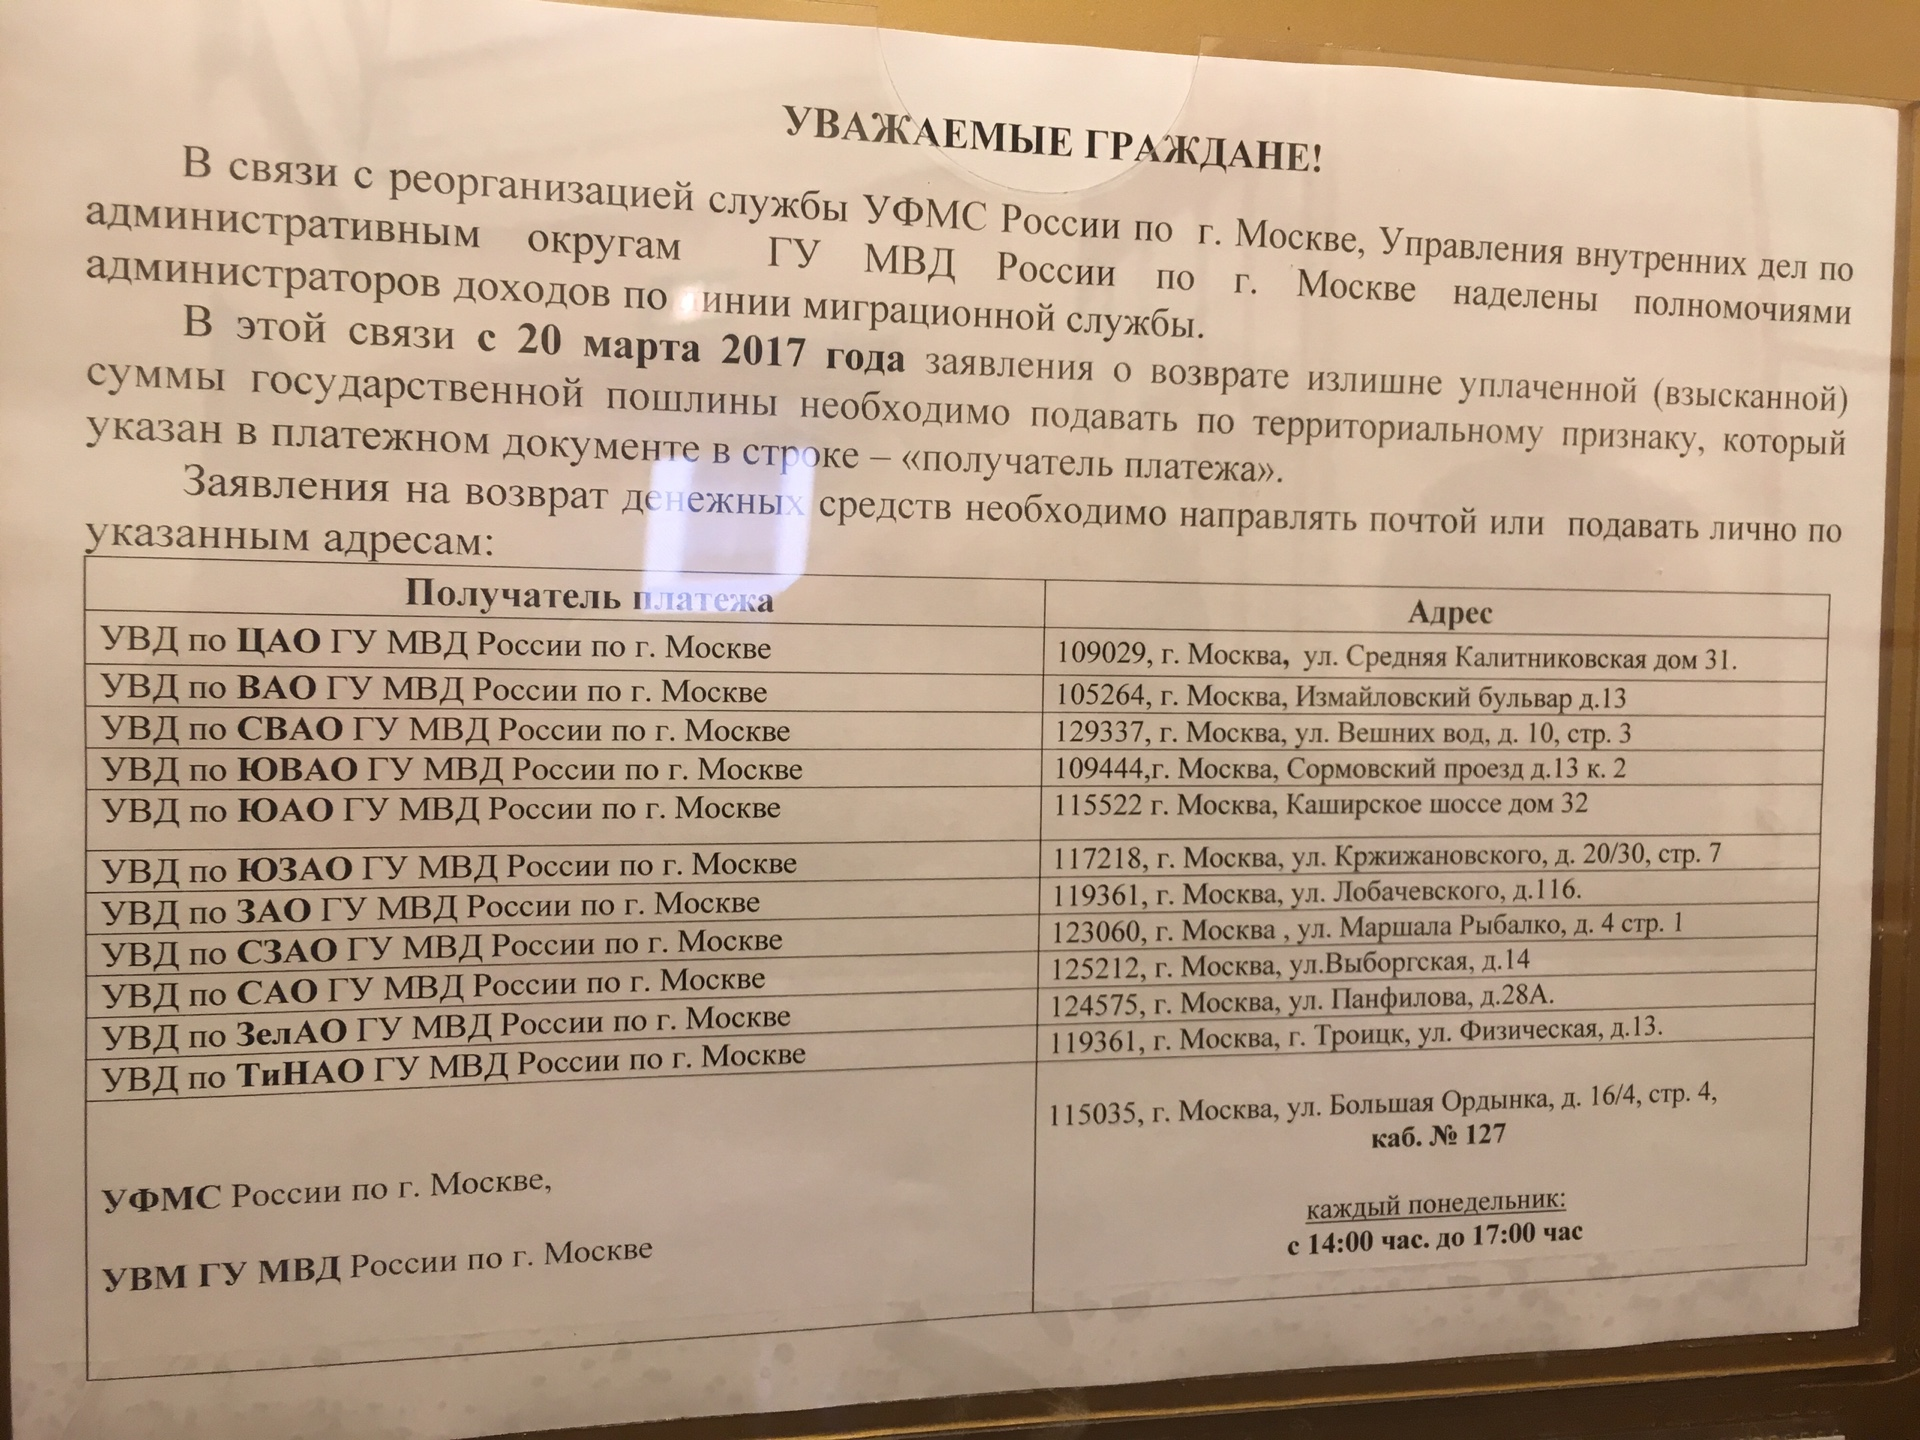 Трудовой договор для фмс в москве Сыромятнический проезд обязателен ли номер товарного чека для налоговой